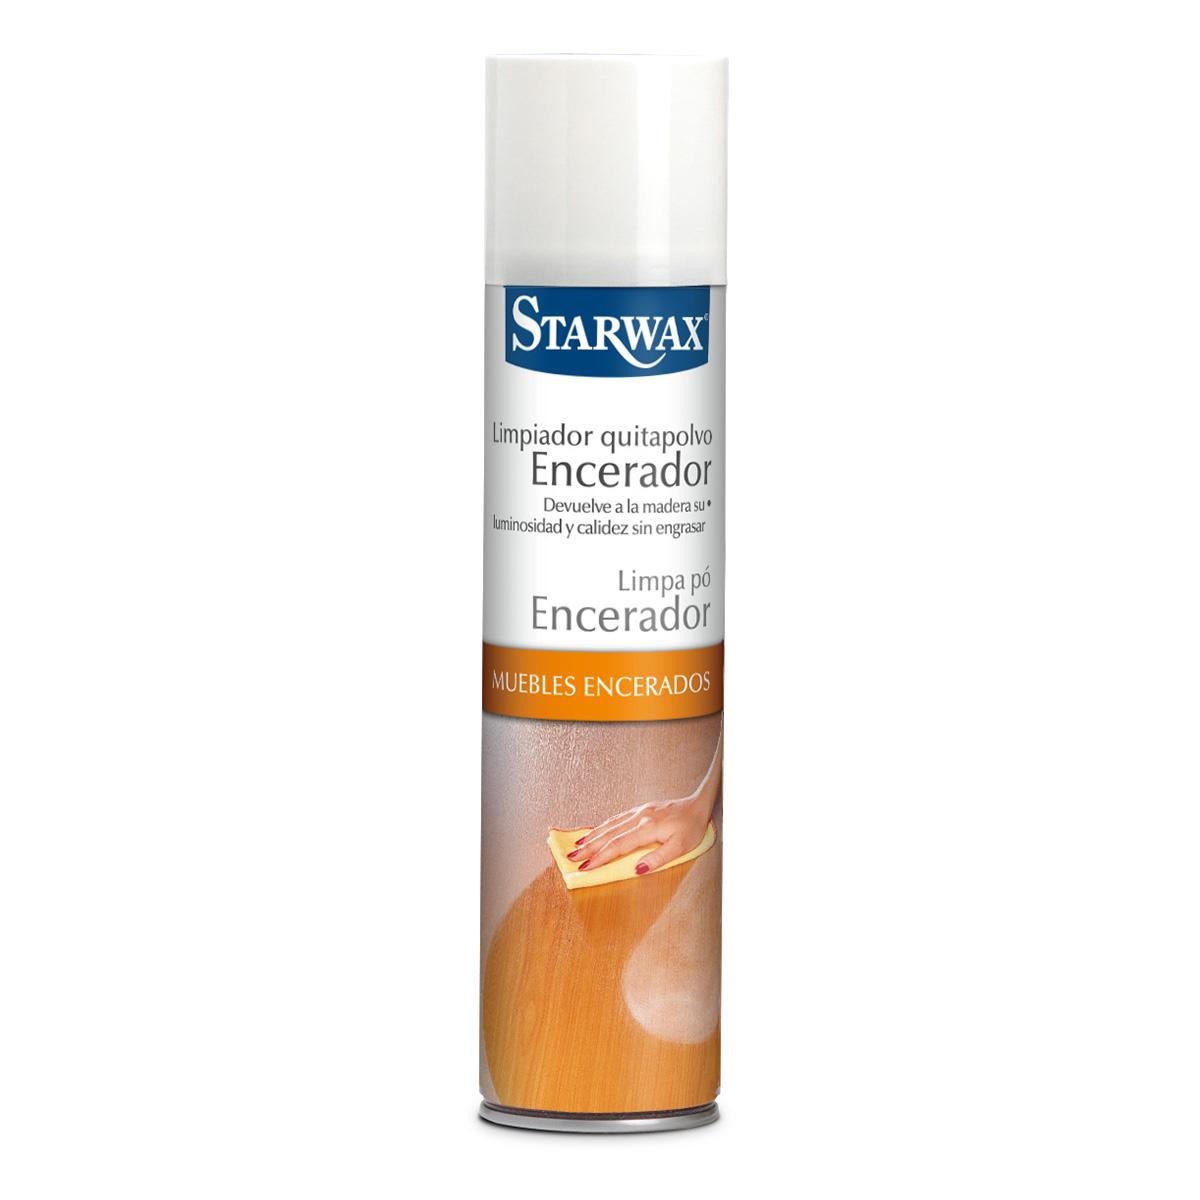 Limpiador quitapolvo encerador – Starwax